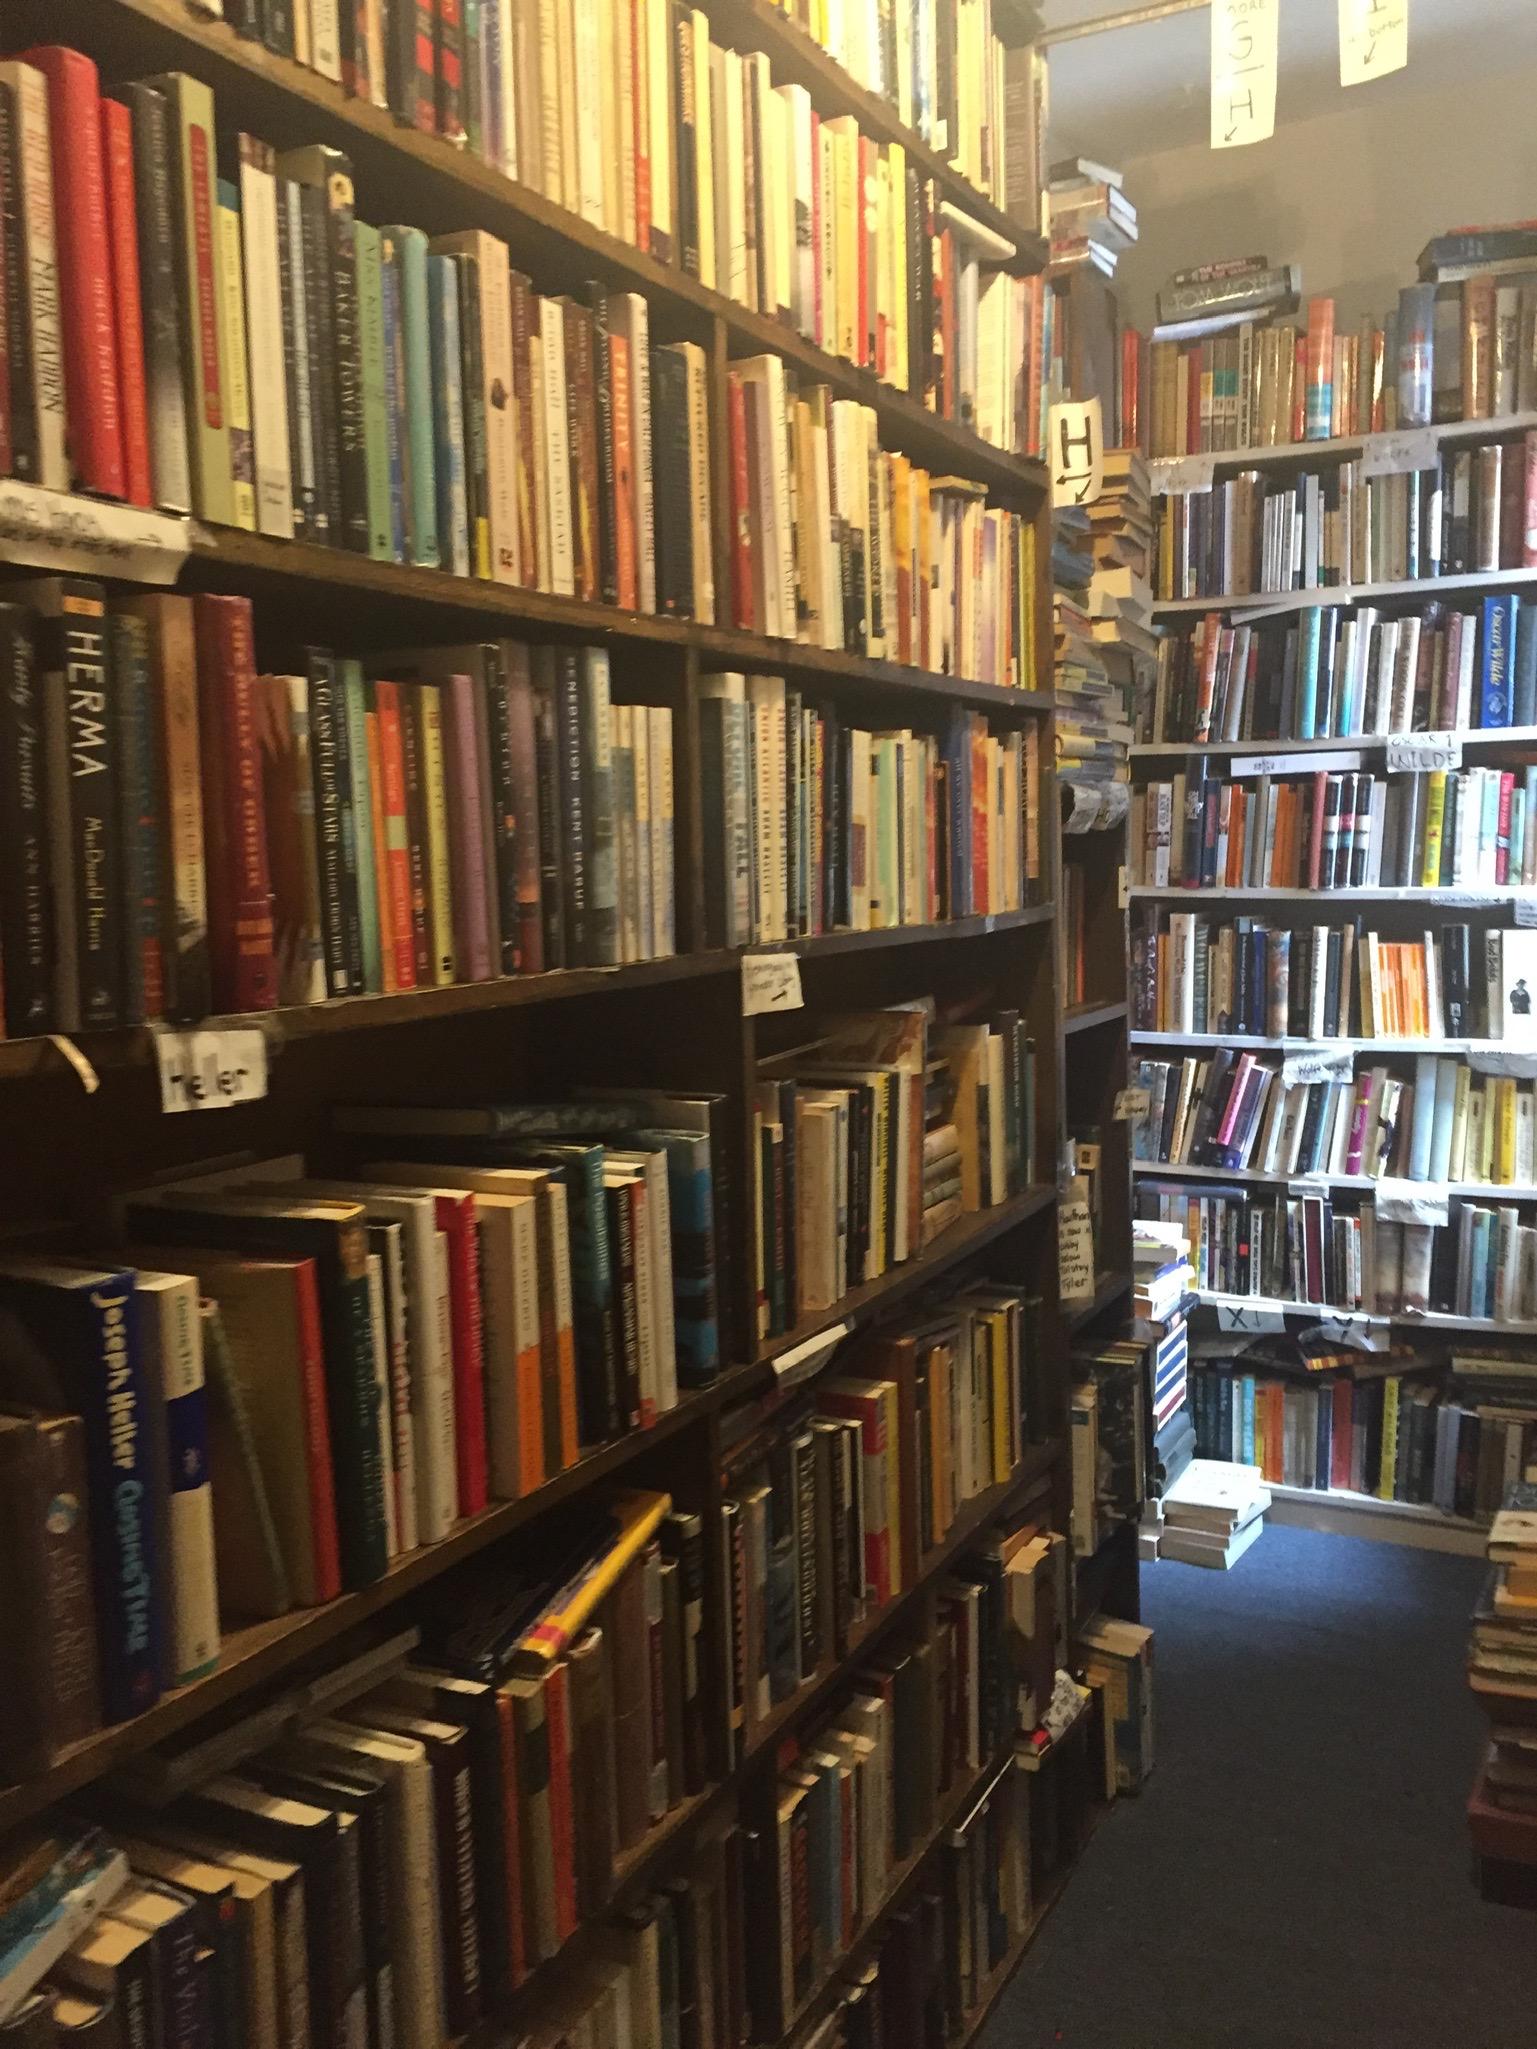 Bursting bookshelves.